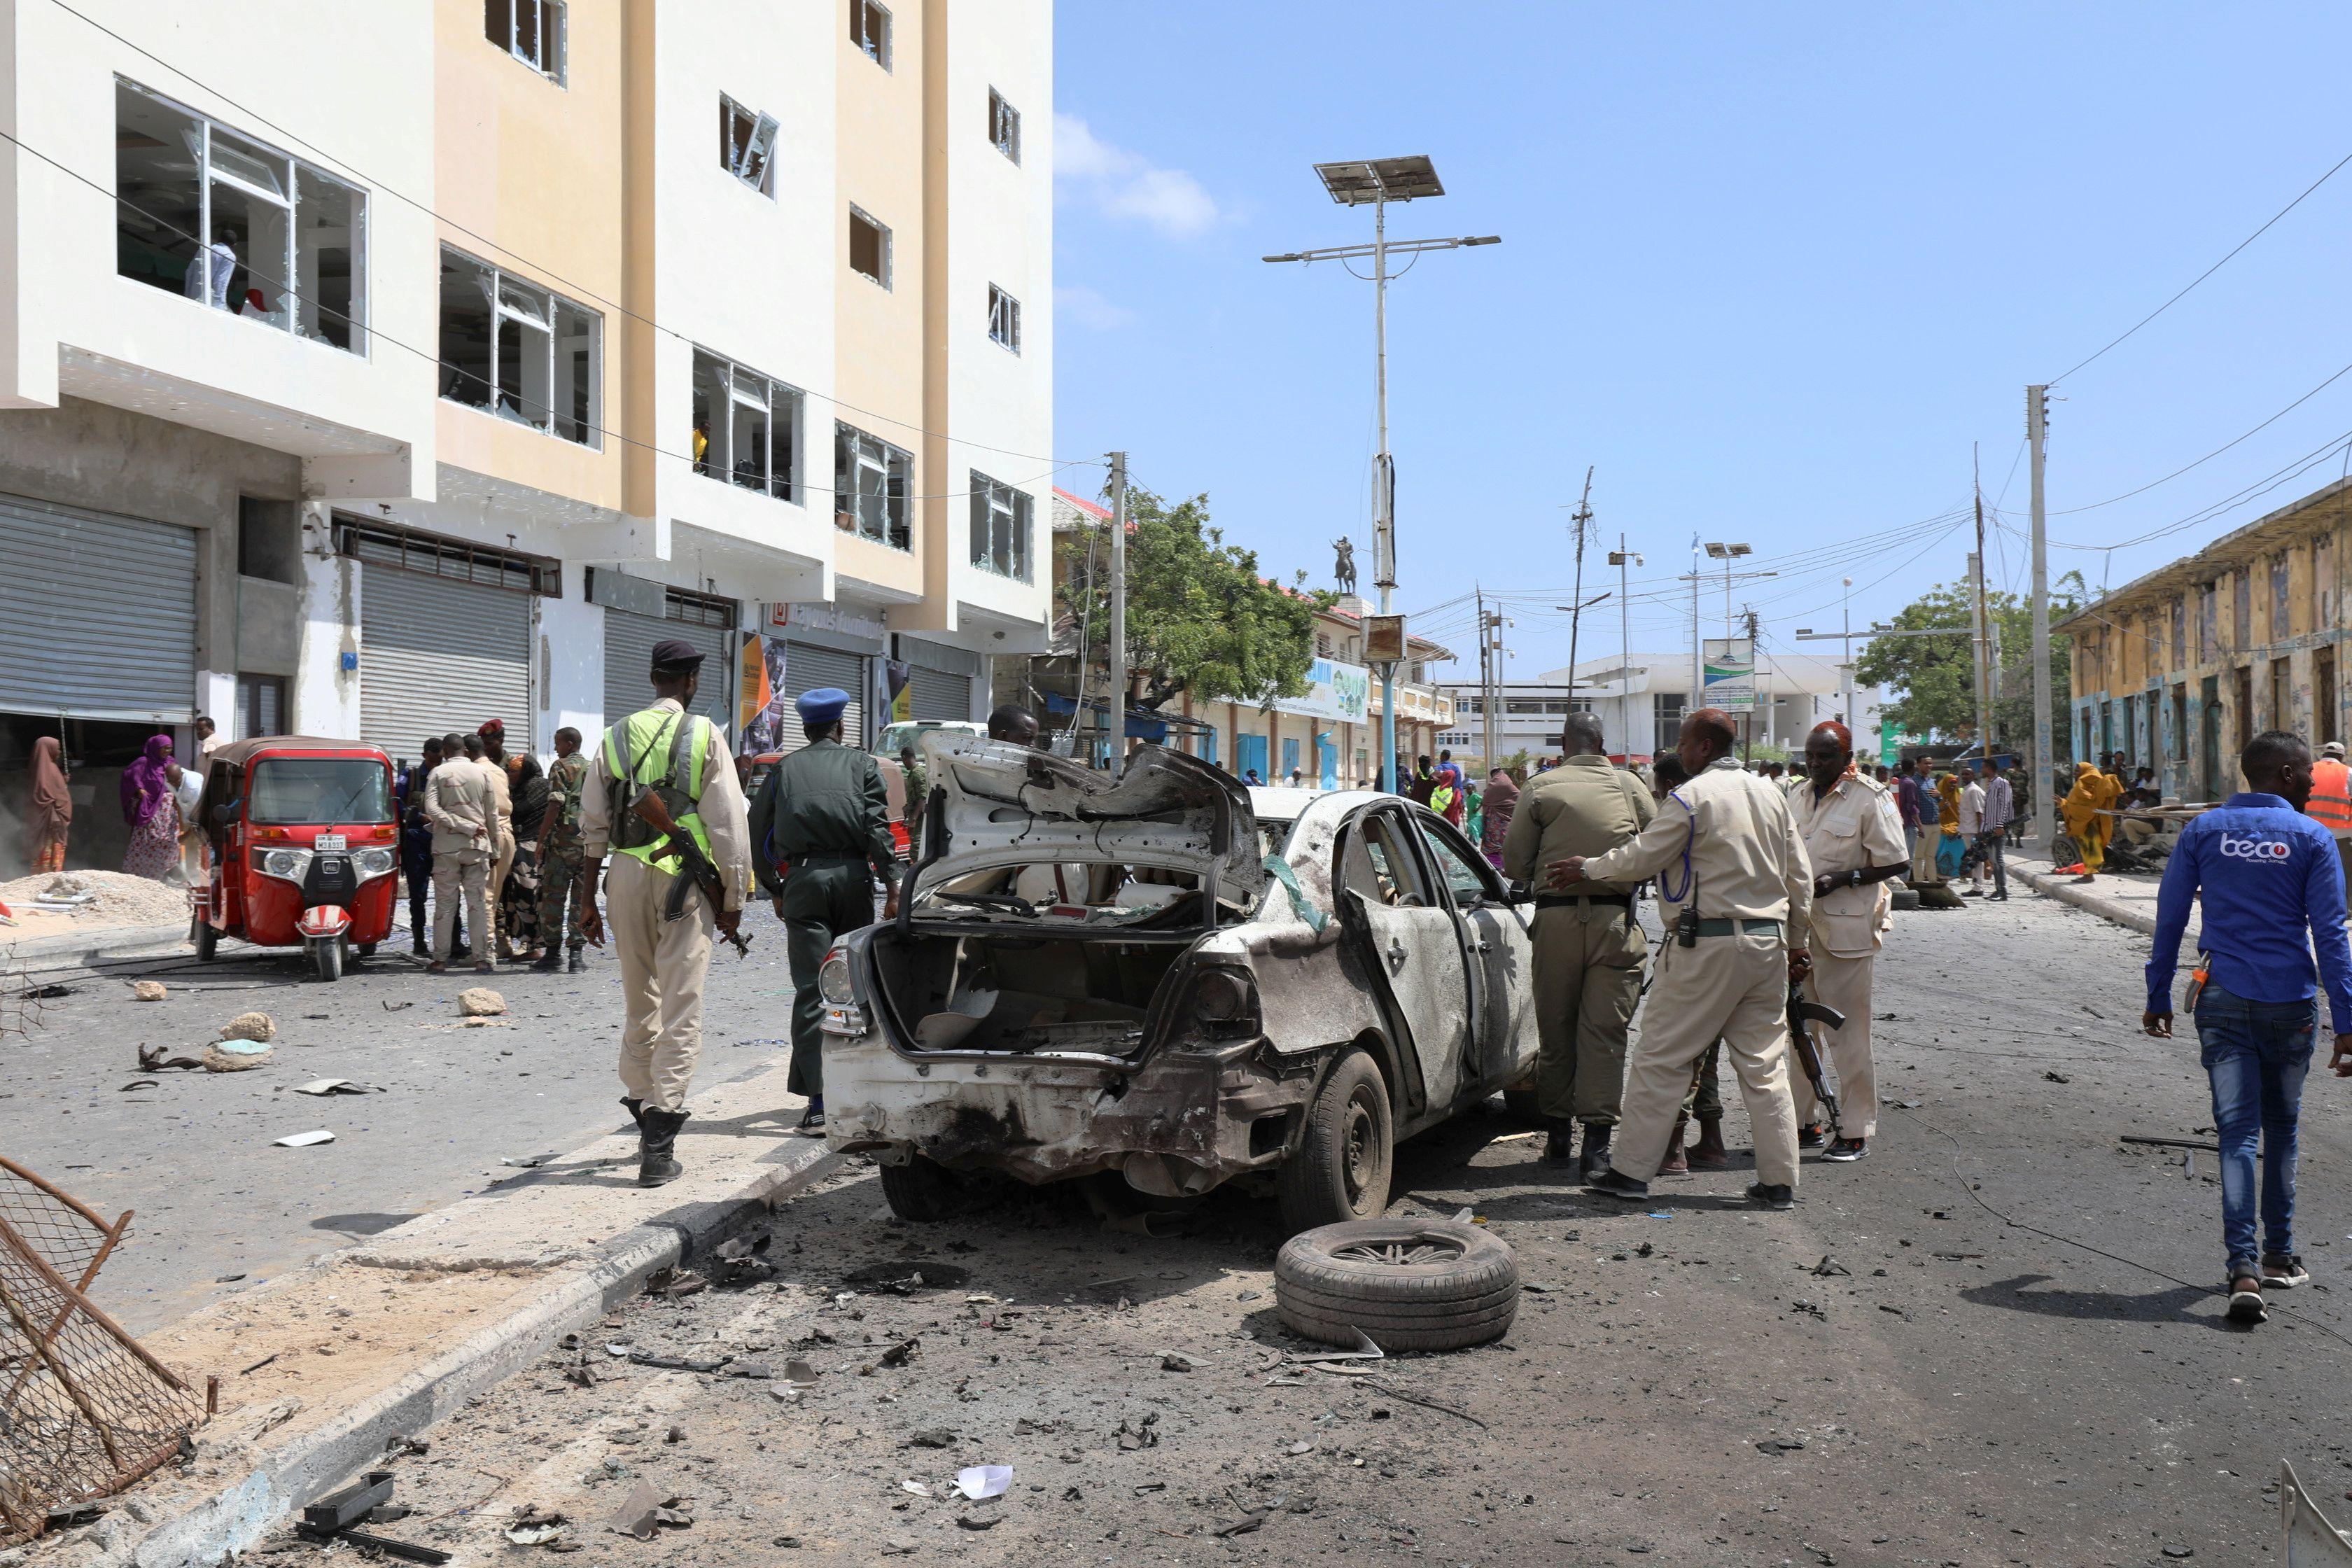 Σομαλία: 19 νεκροί από επίθεση τζιχαντιστών της Σεμπάμπ